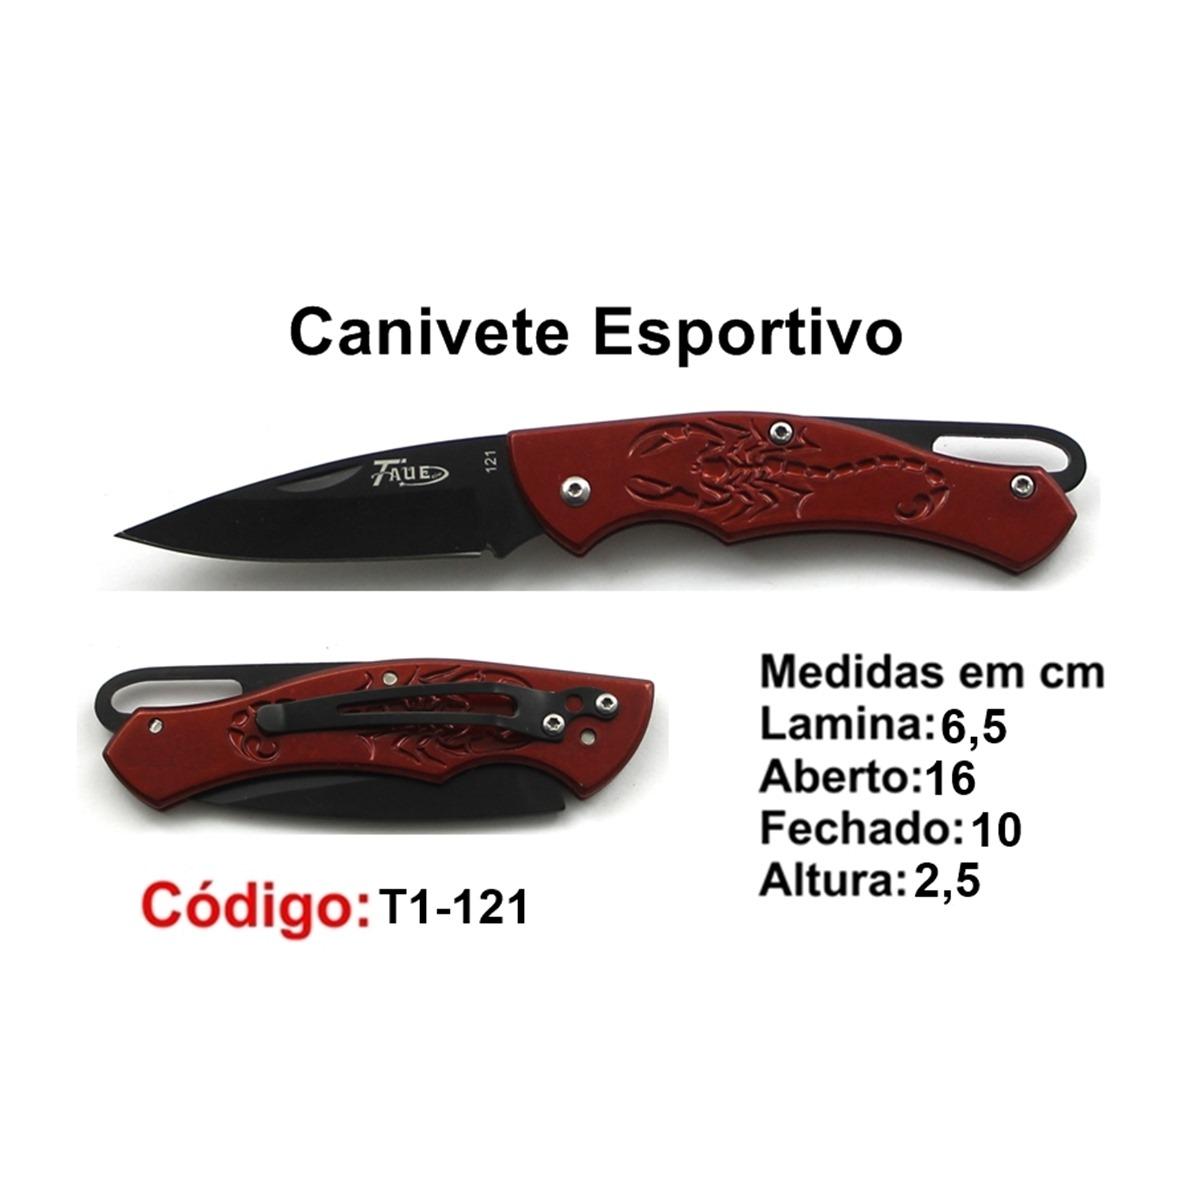 Canivete Esportivo Caça Pesca Etc. T1-121